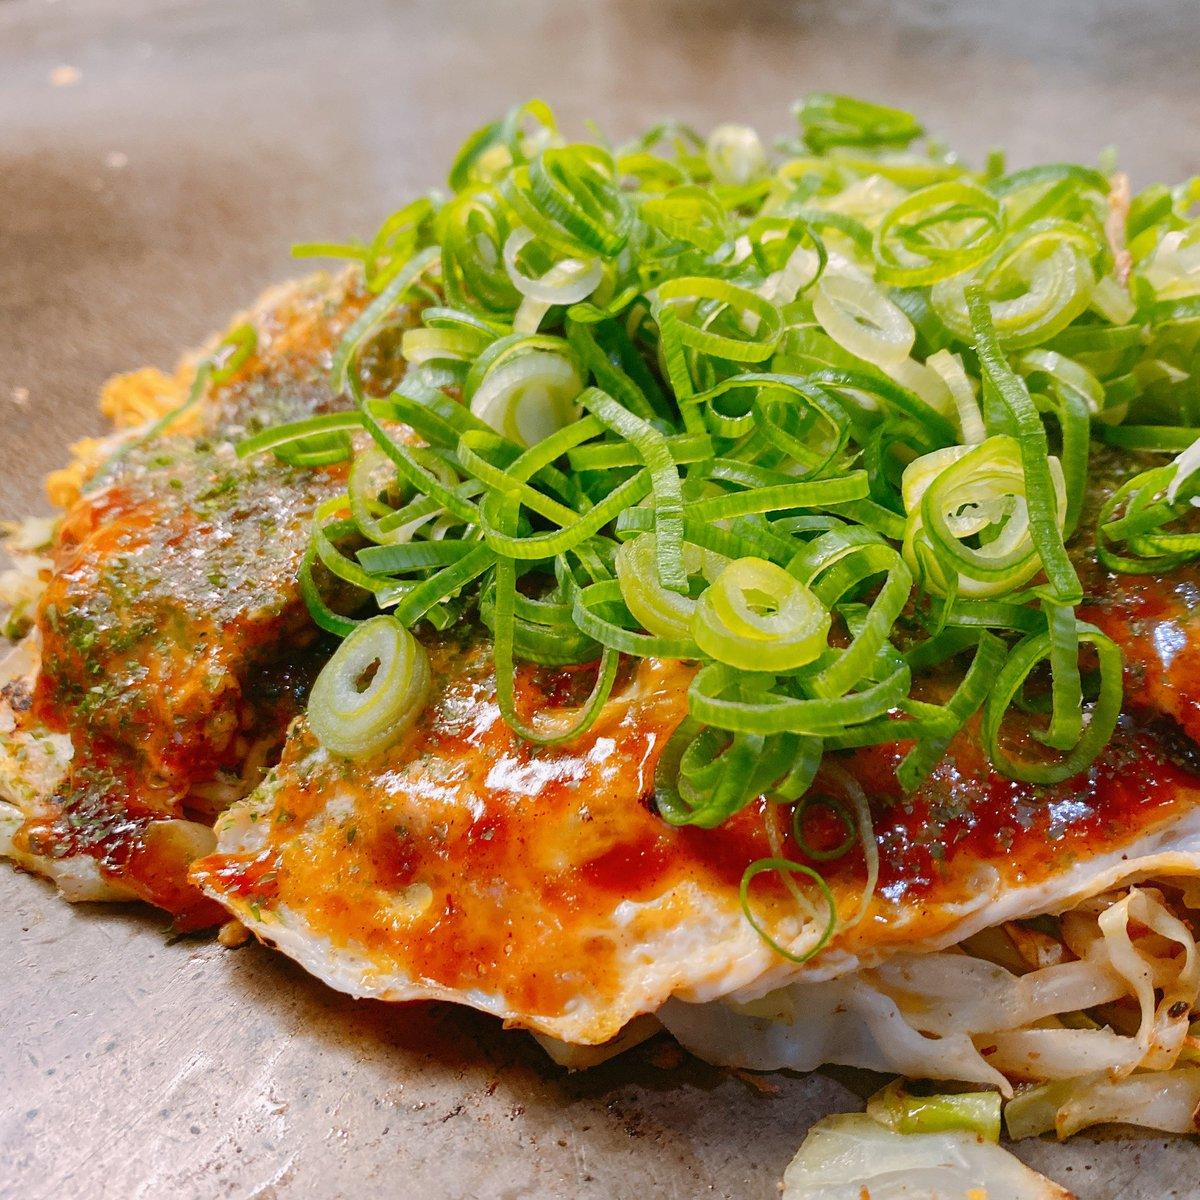 ランチは広島お好み焼き屋さんの名店ソニアさんで!新橋にあるのでオススメです。